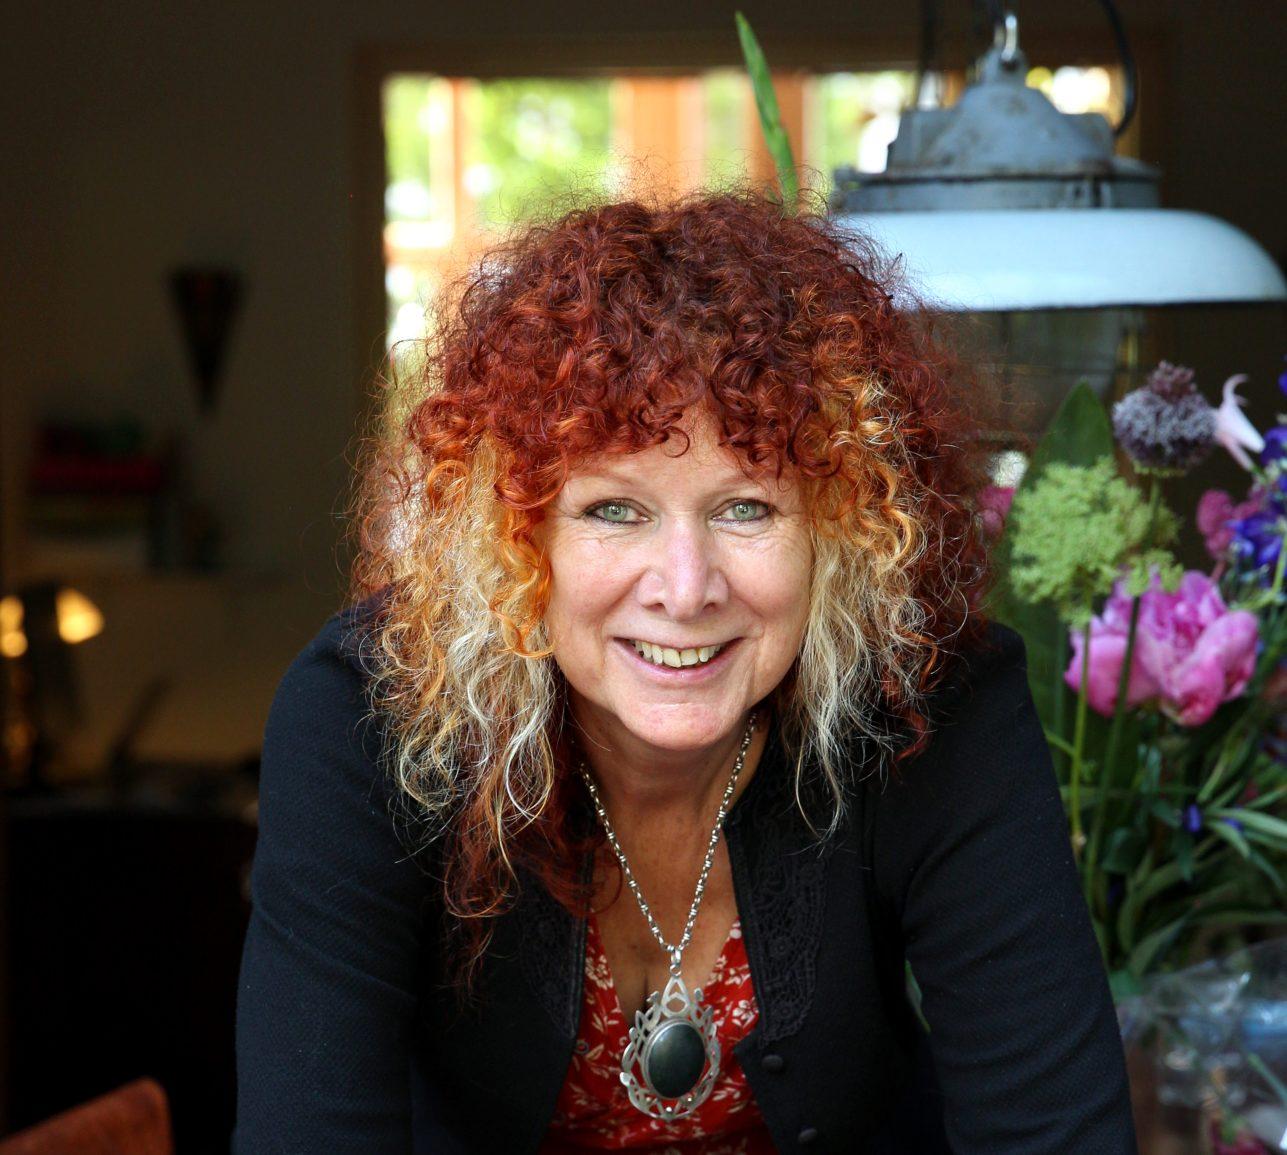 Liggende foto - Carrie Portret - Sanne Donders kopie